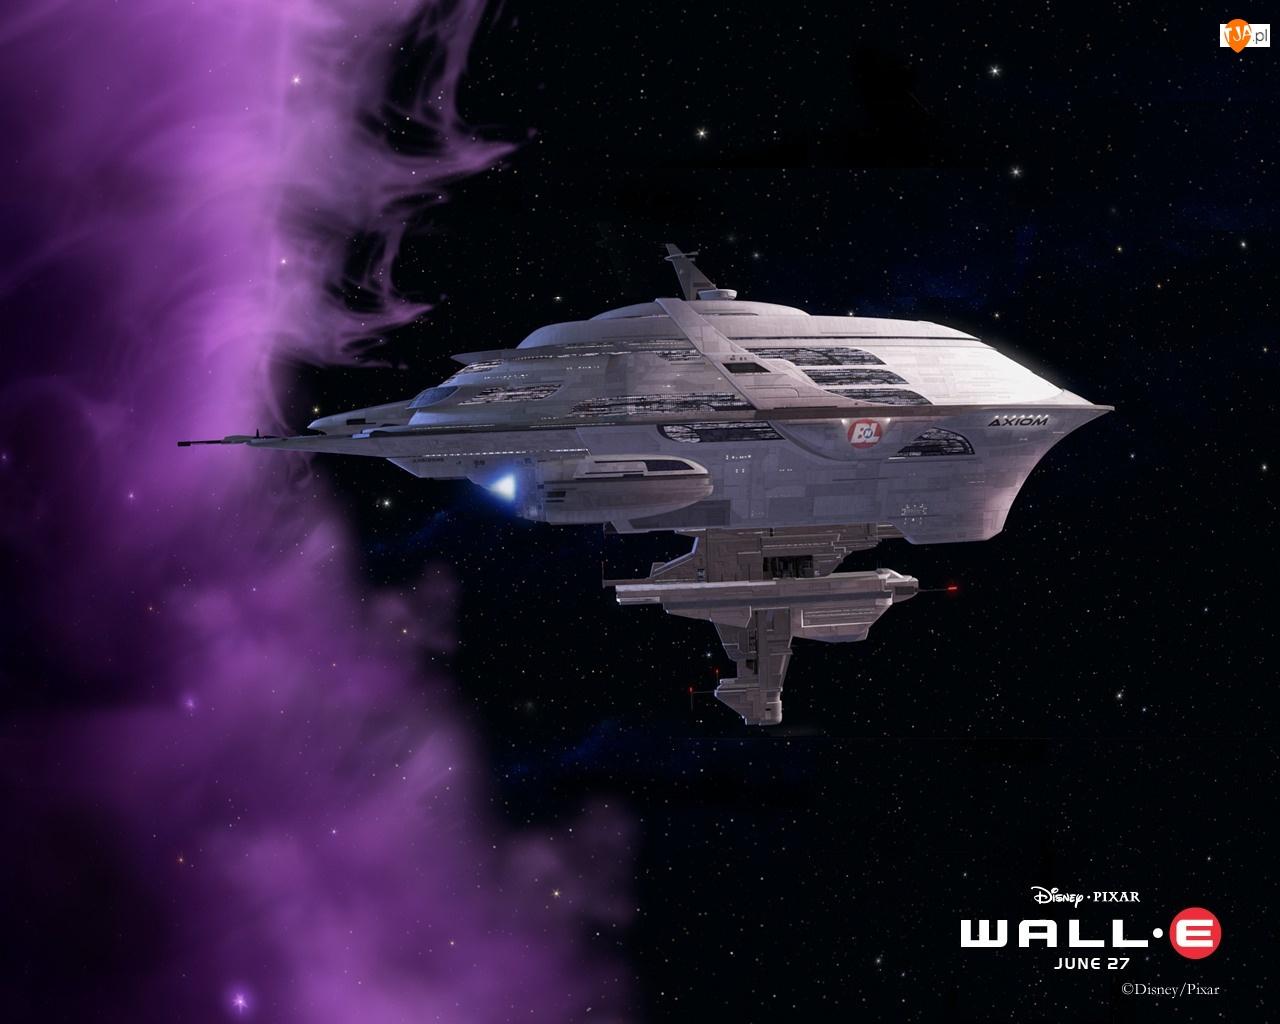 kosmiczny, Wall E, gwiazdy, statek